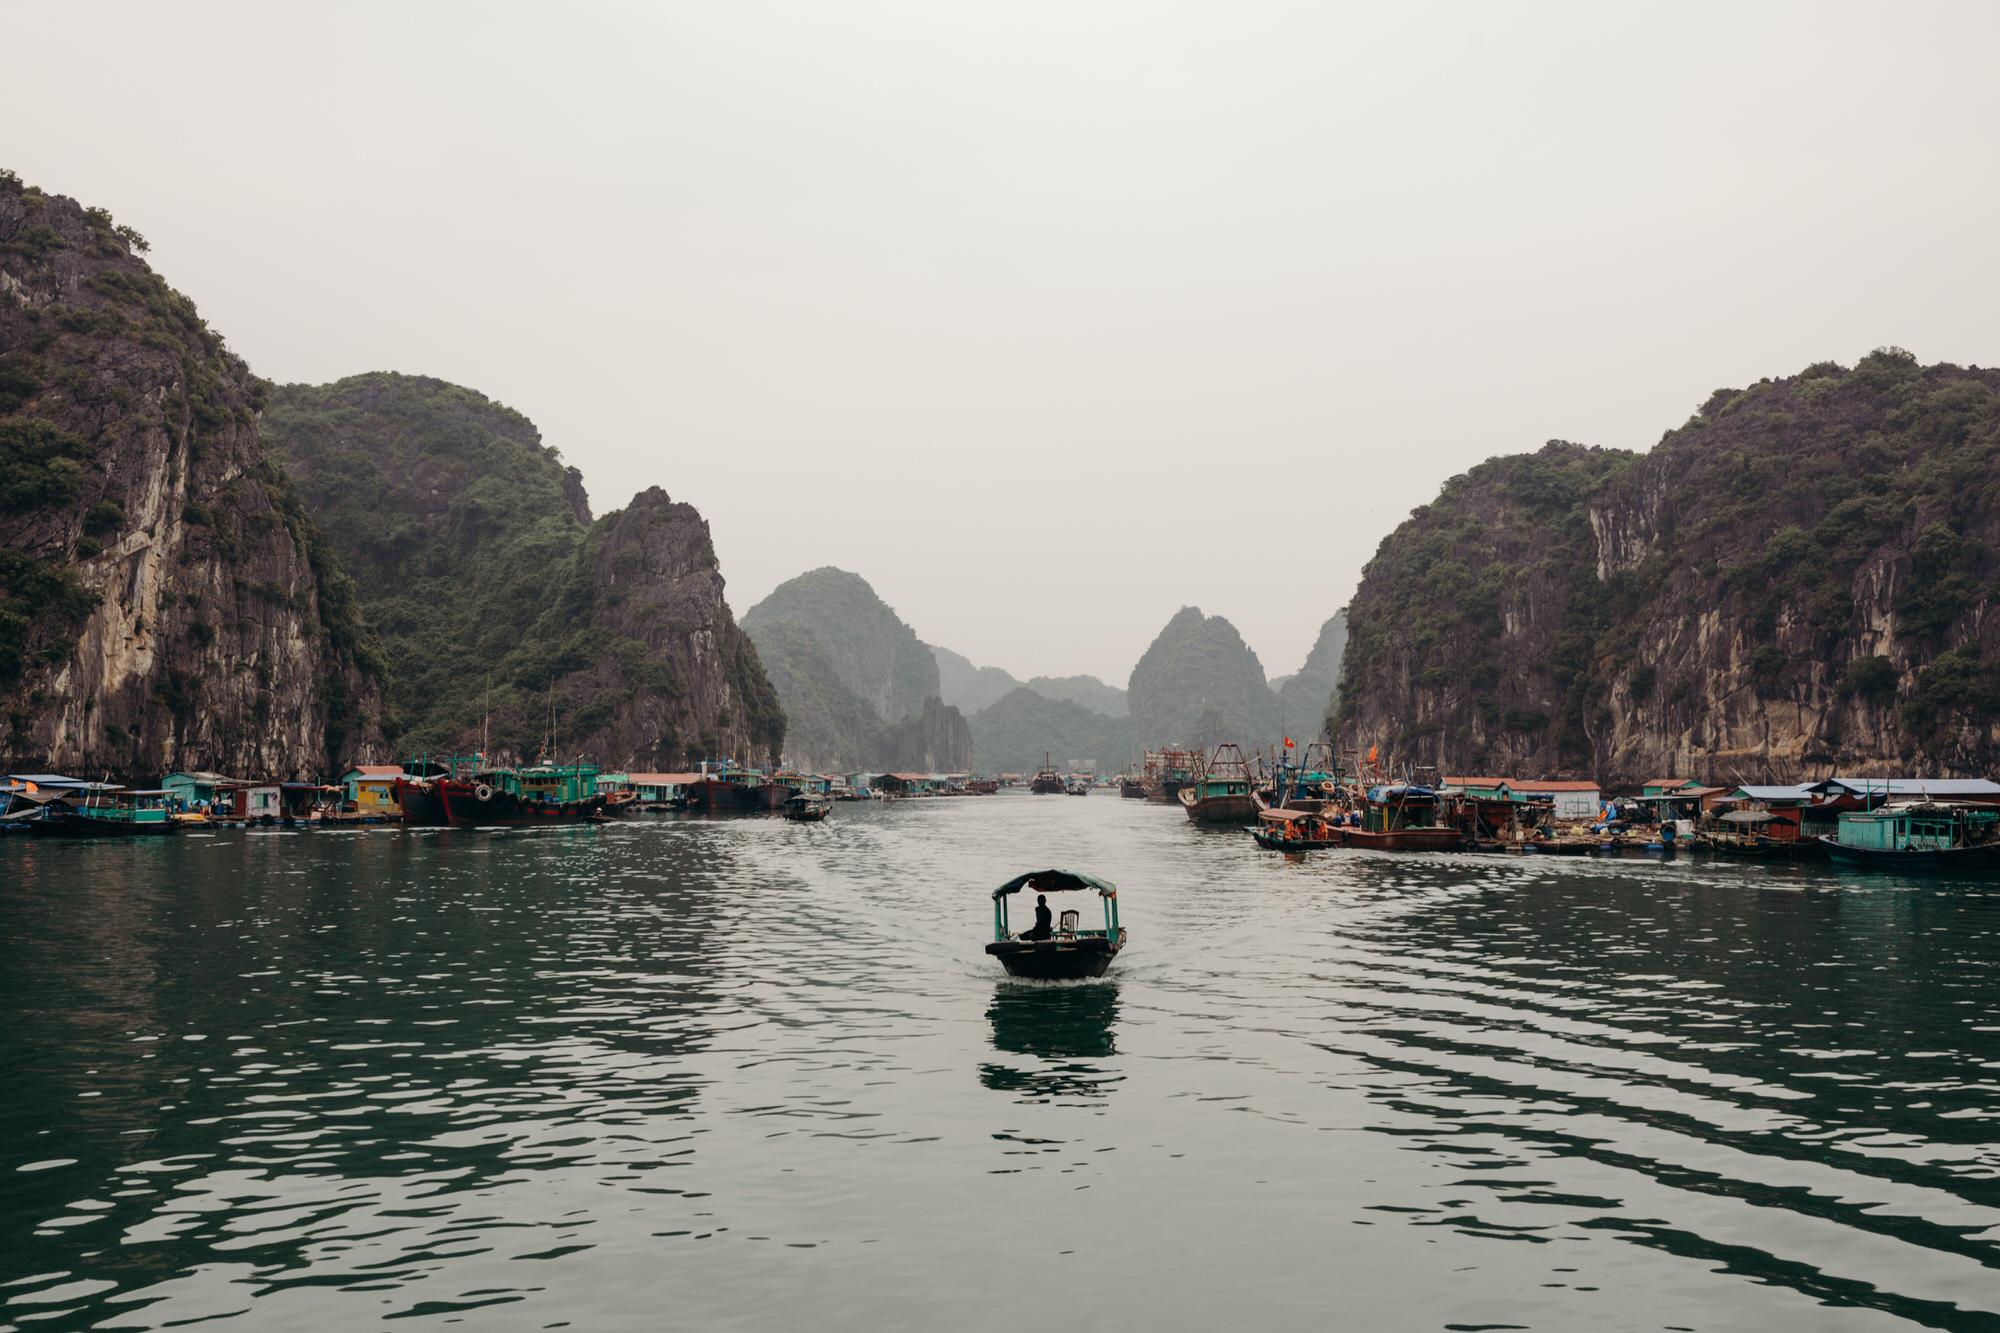 halongbayboatfishingvillage.jpg